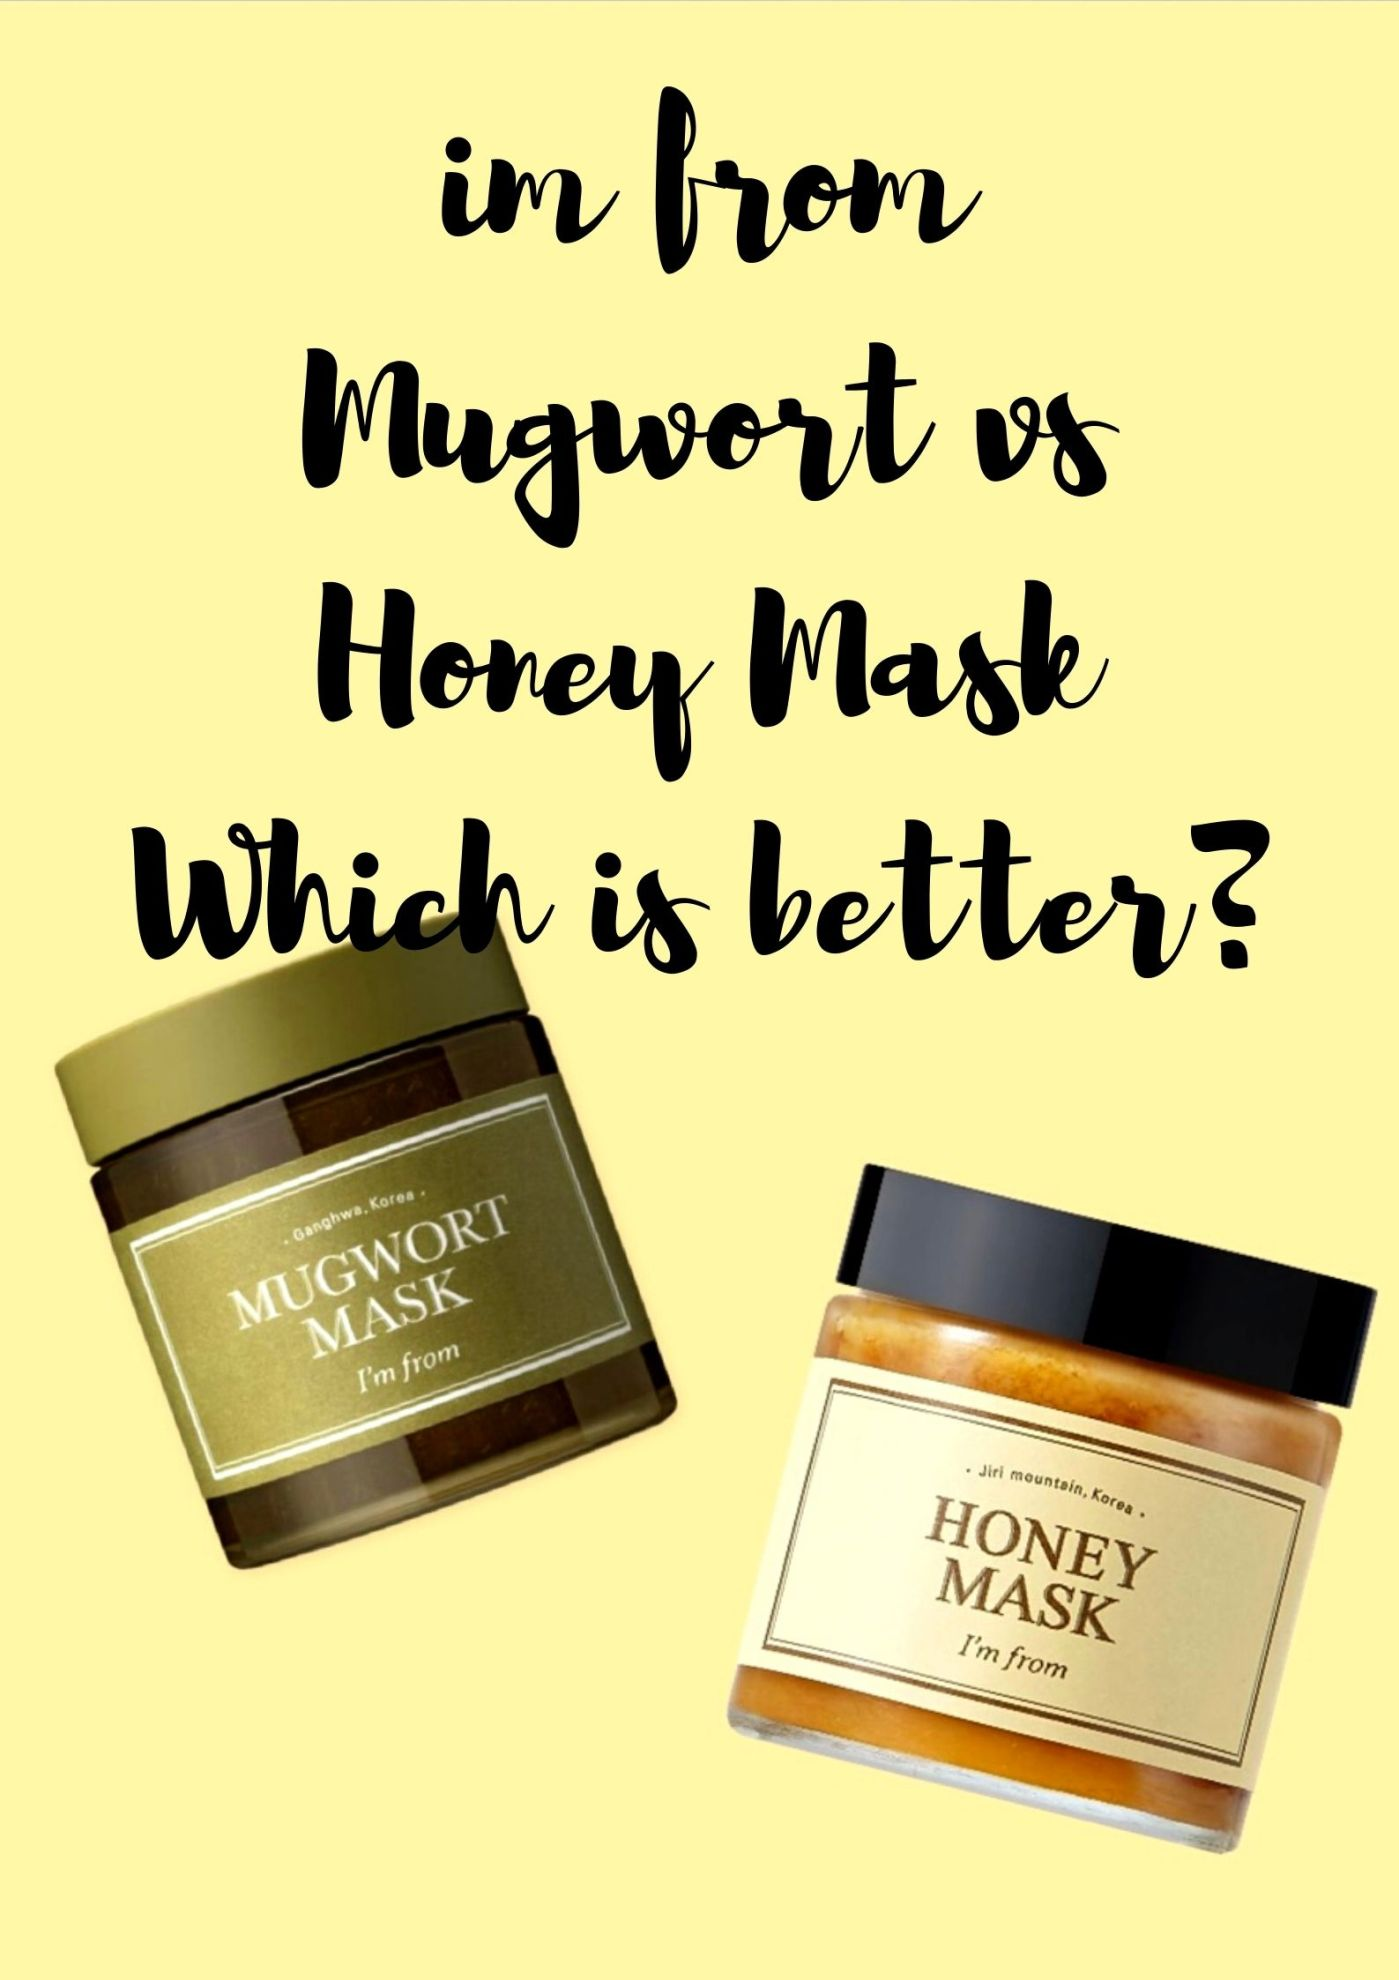 imfrom mugwort vs honey mask